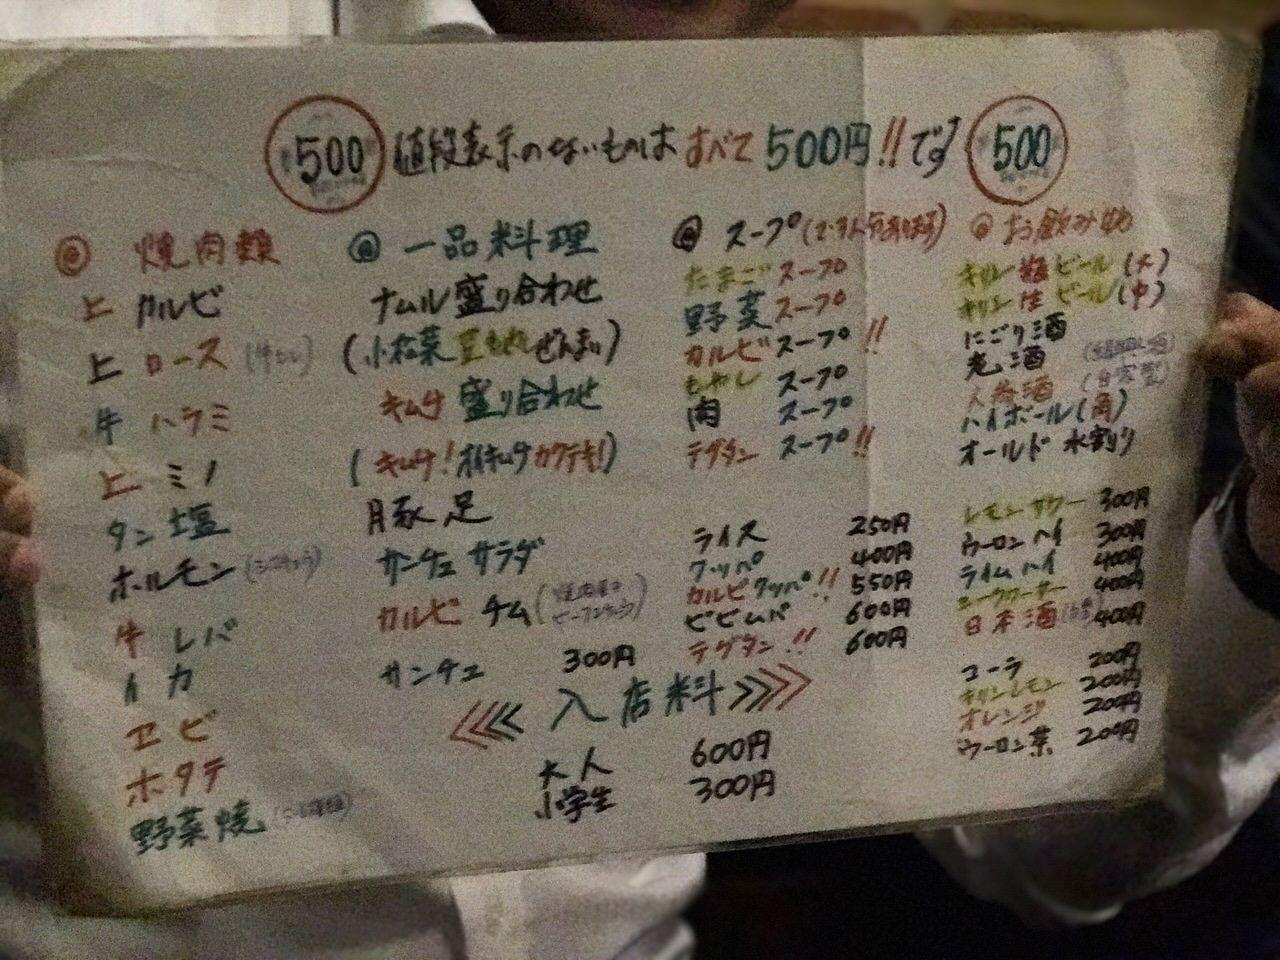 Hirai 5075